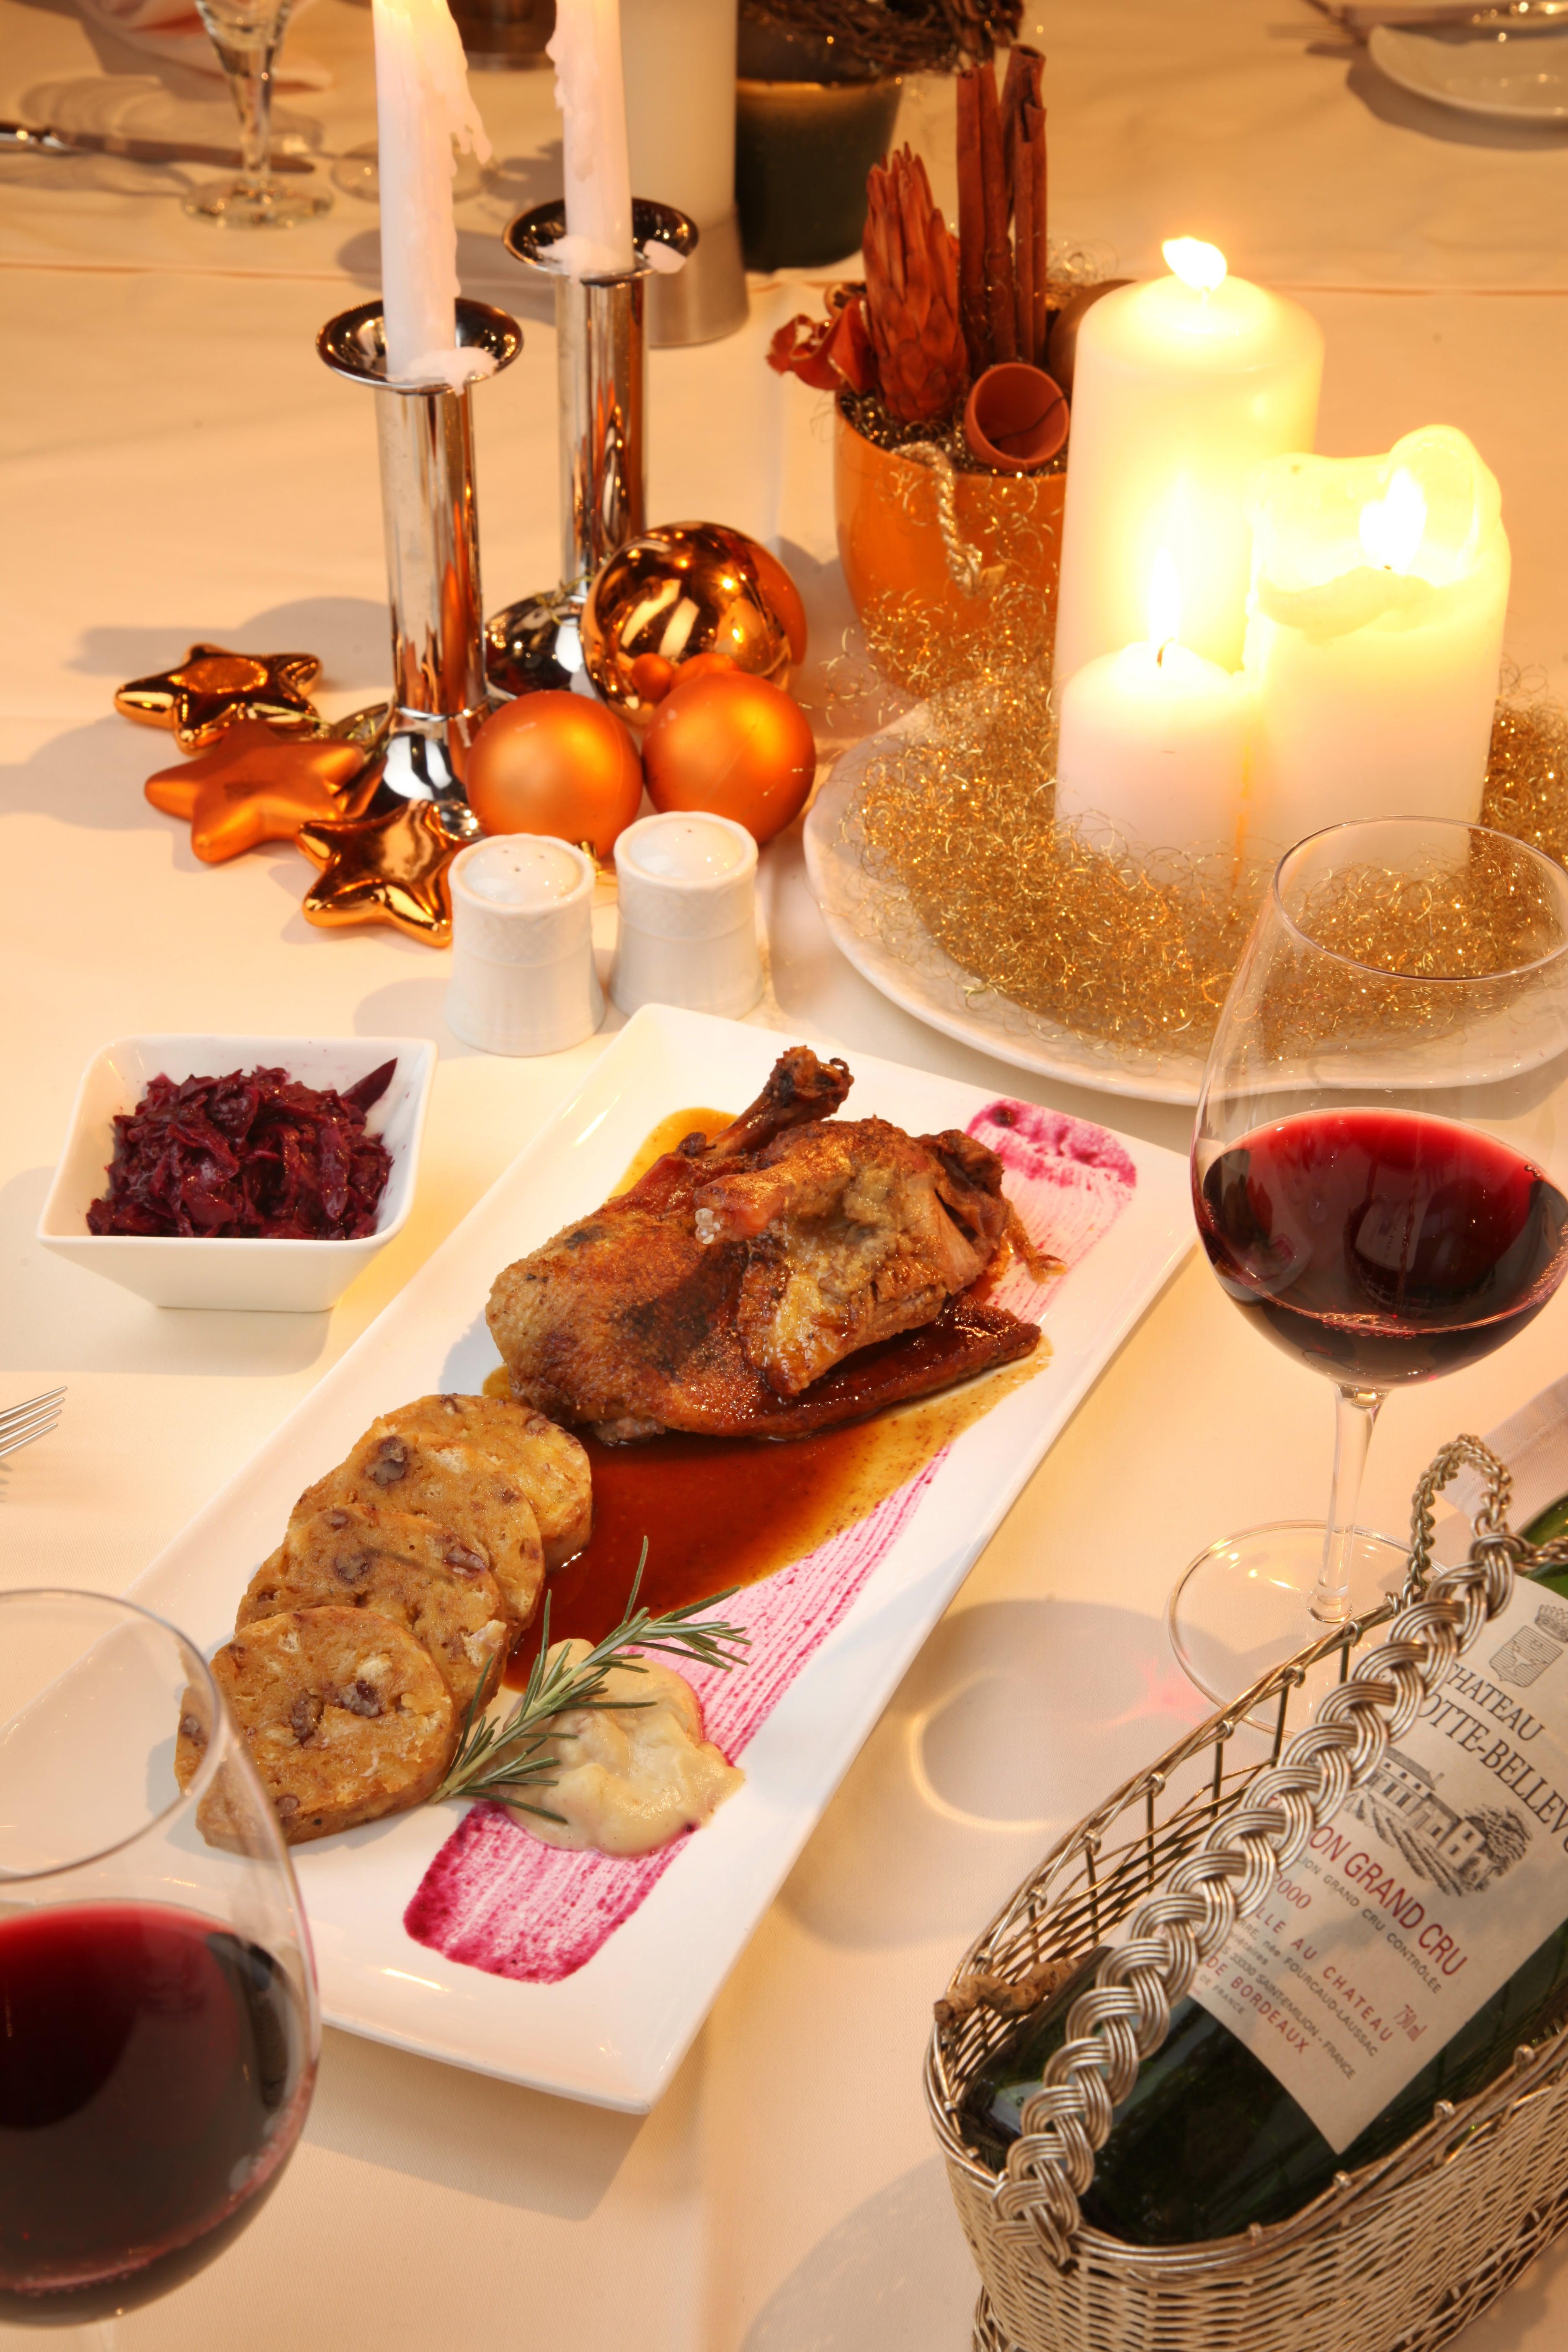 Weihnachtsessen Gut Vorbereiten.Das Traditionelle Weihnachtsessen In Oberösterreich